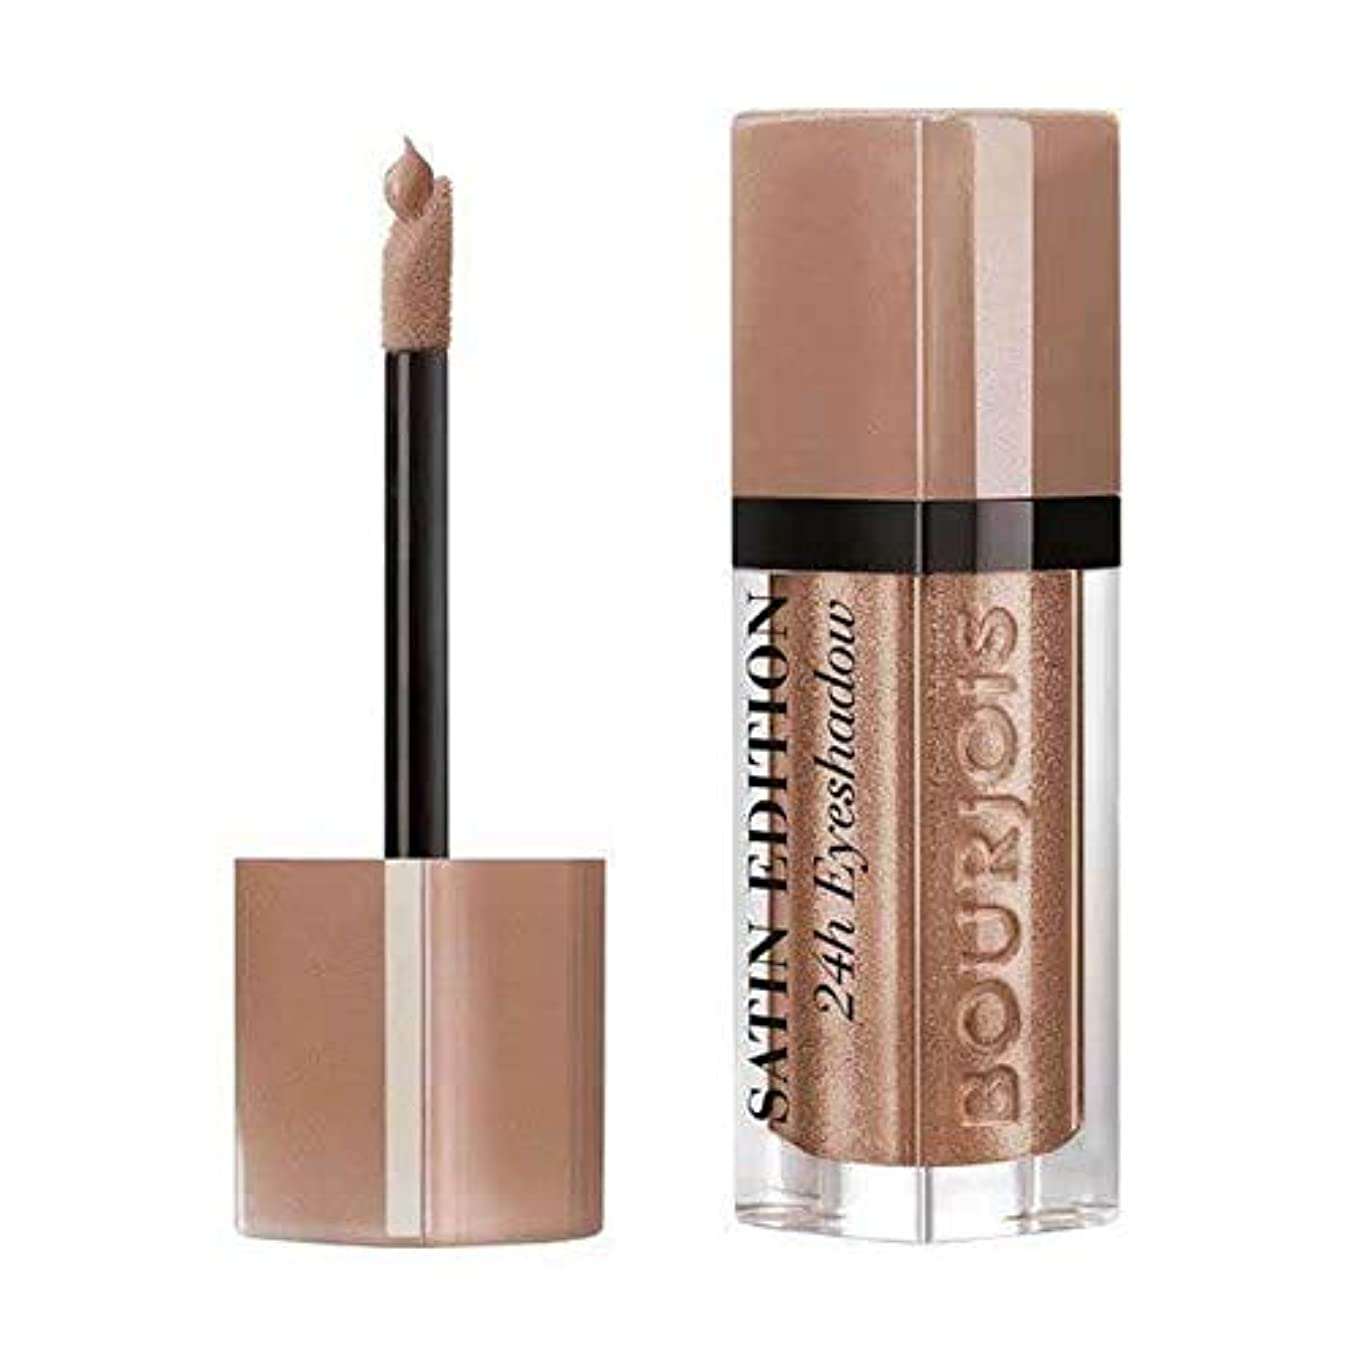 しかしながらショート群がる[Bourjois ] 液体アイシャドウAbracada'Brown 24時間ブルジョワサテン版 - Bourjois Satin Edition 24HR Liquid Eyeshadow Abracada'brown...